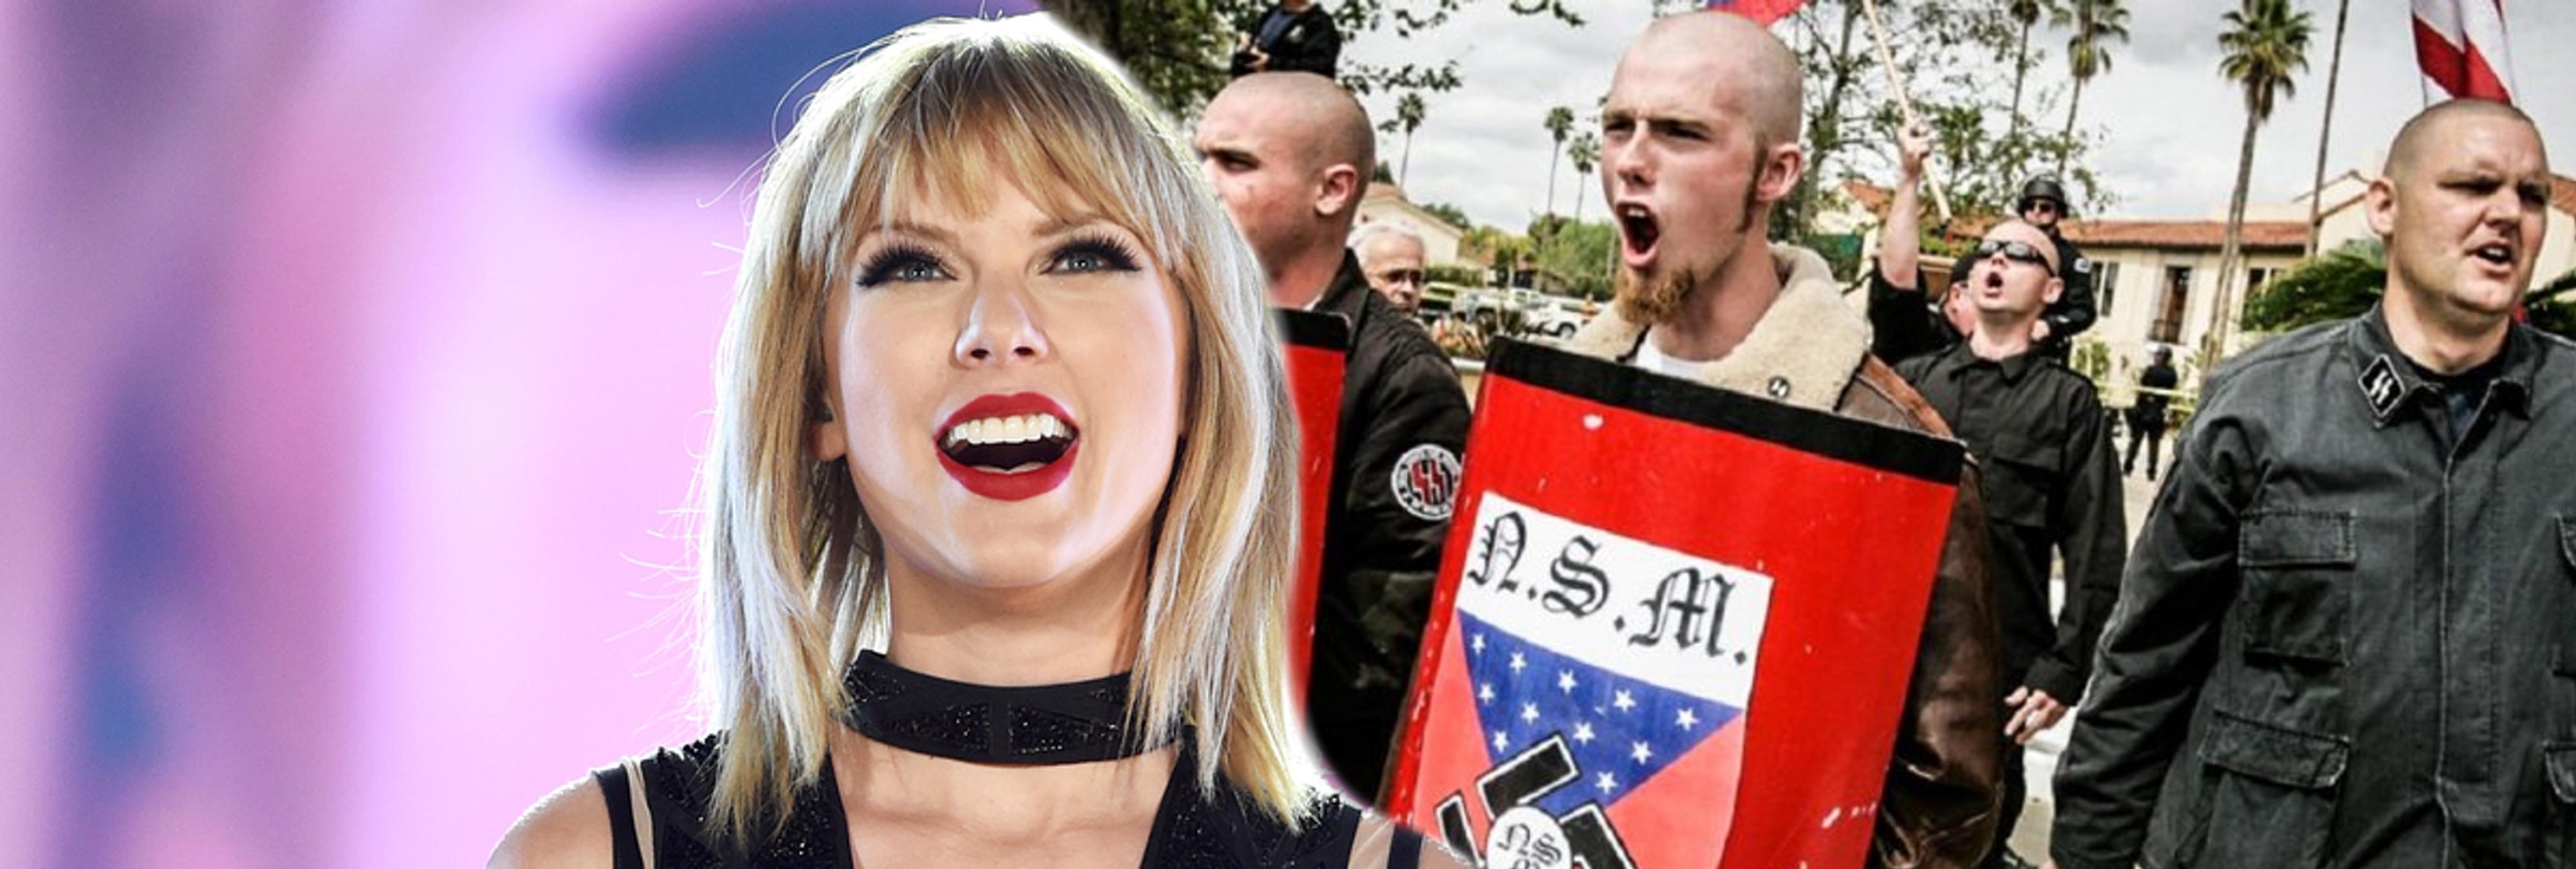 Los grupos neonazis reivindican el nuevo single de Taylor Swift como himno